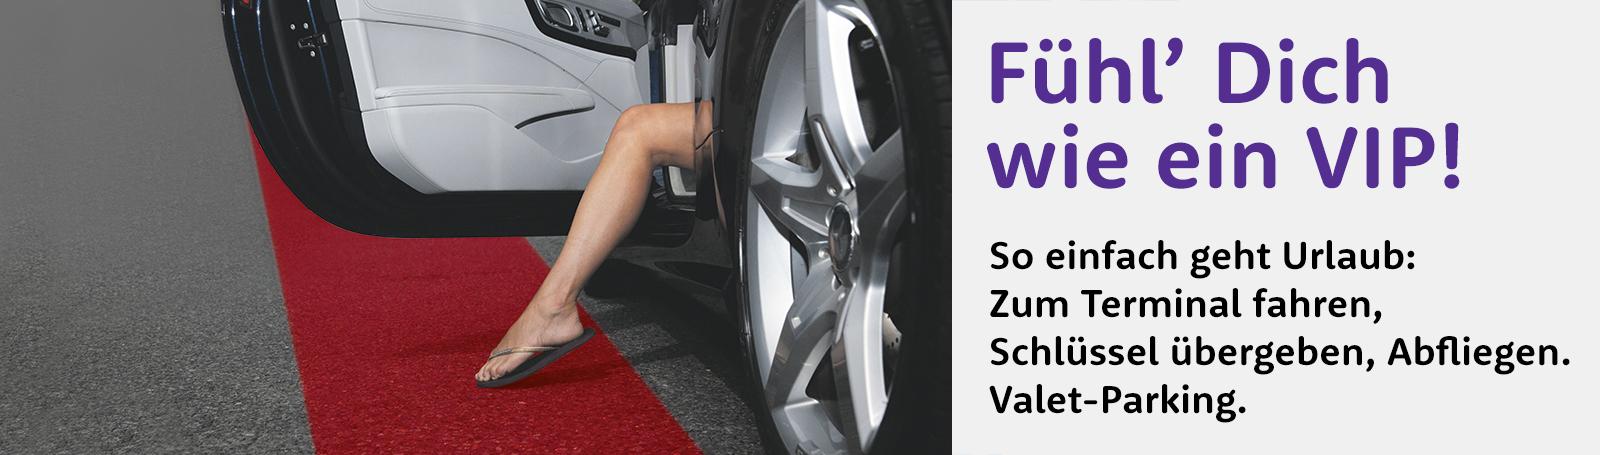 Valet Parking - Fühl' dich wie ein VIP